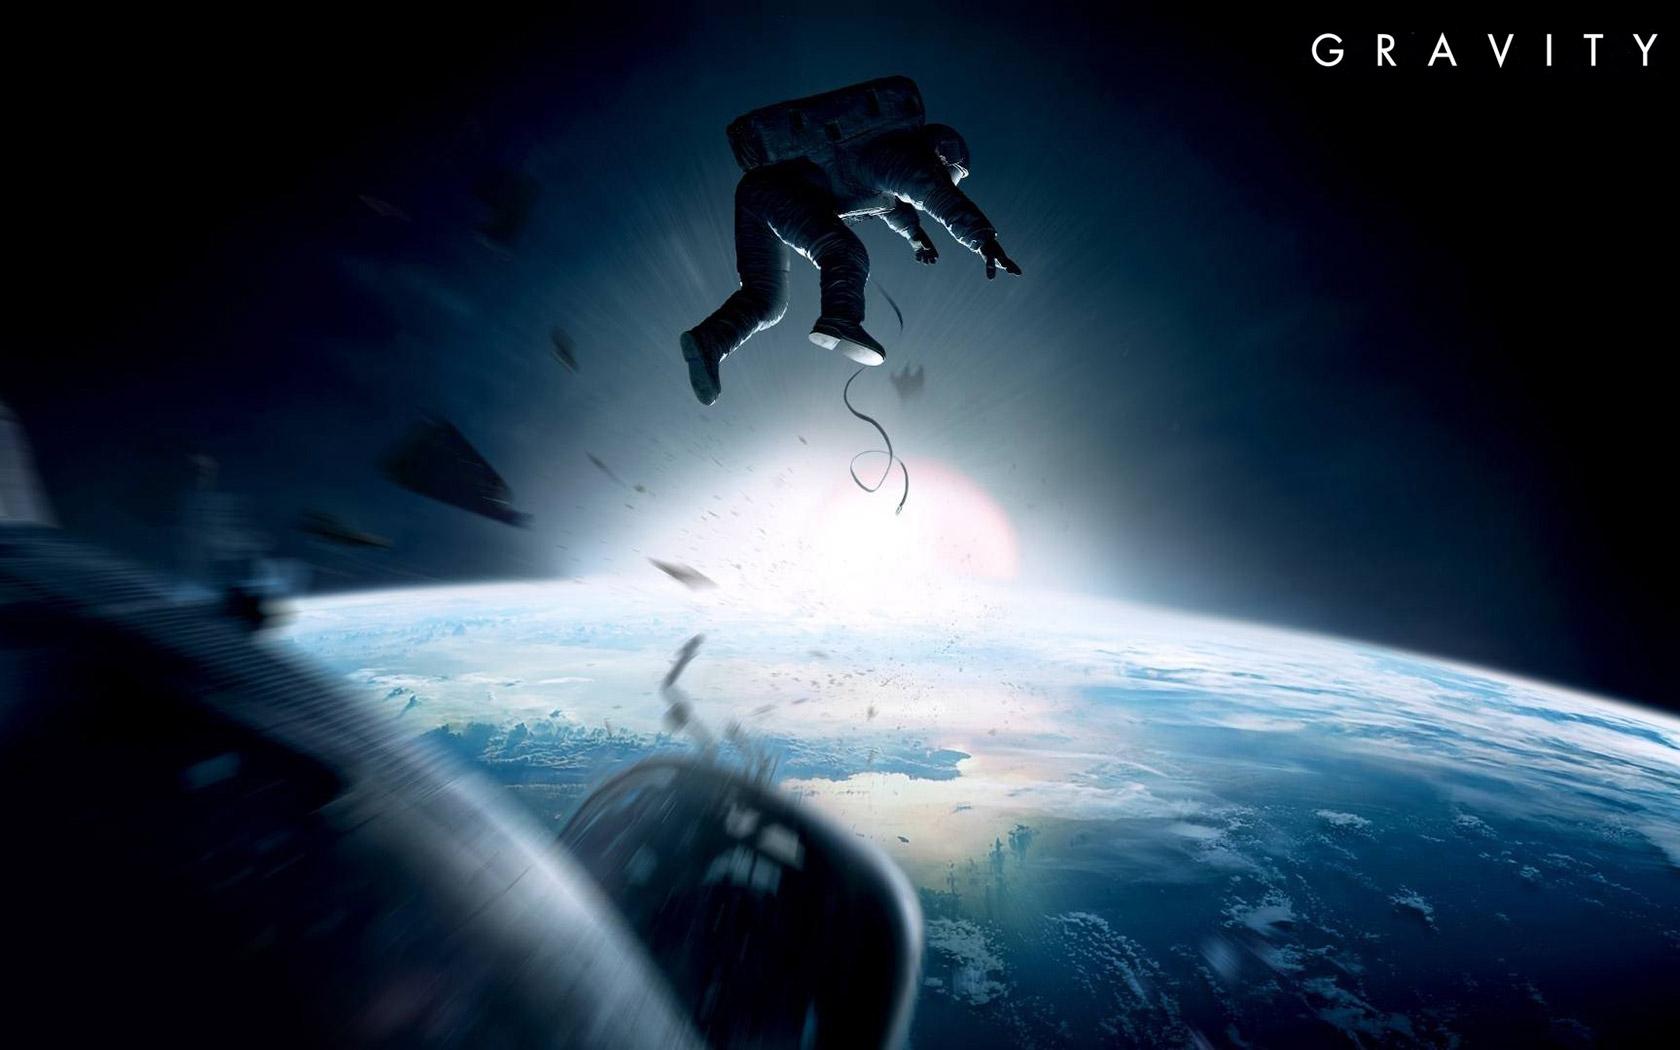 映画「ゼロ・グラビティ」宇宙は美しく黒い永遠だ